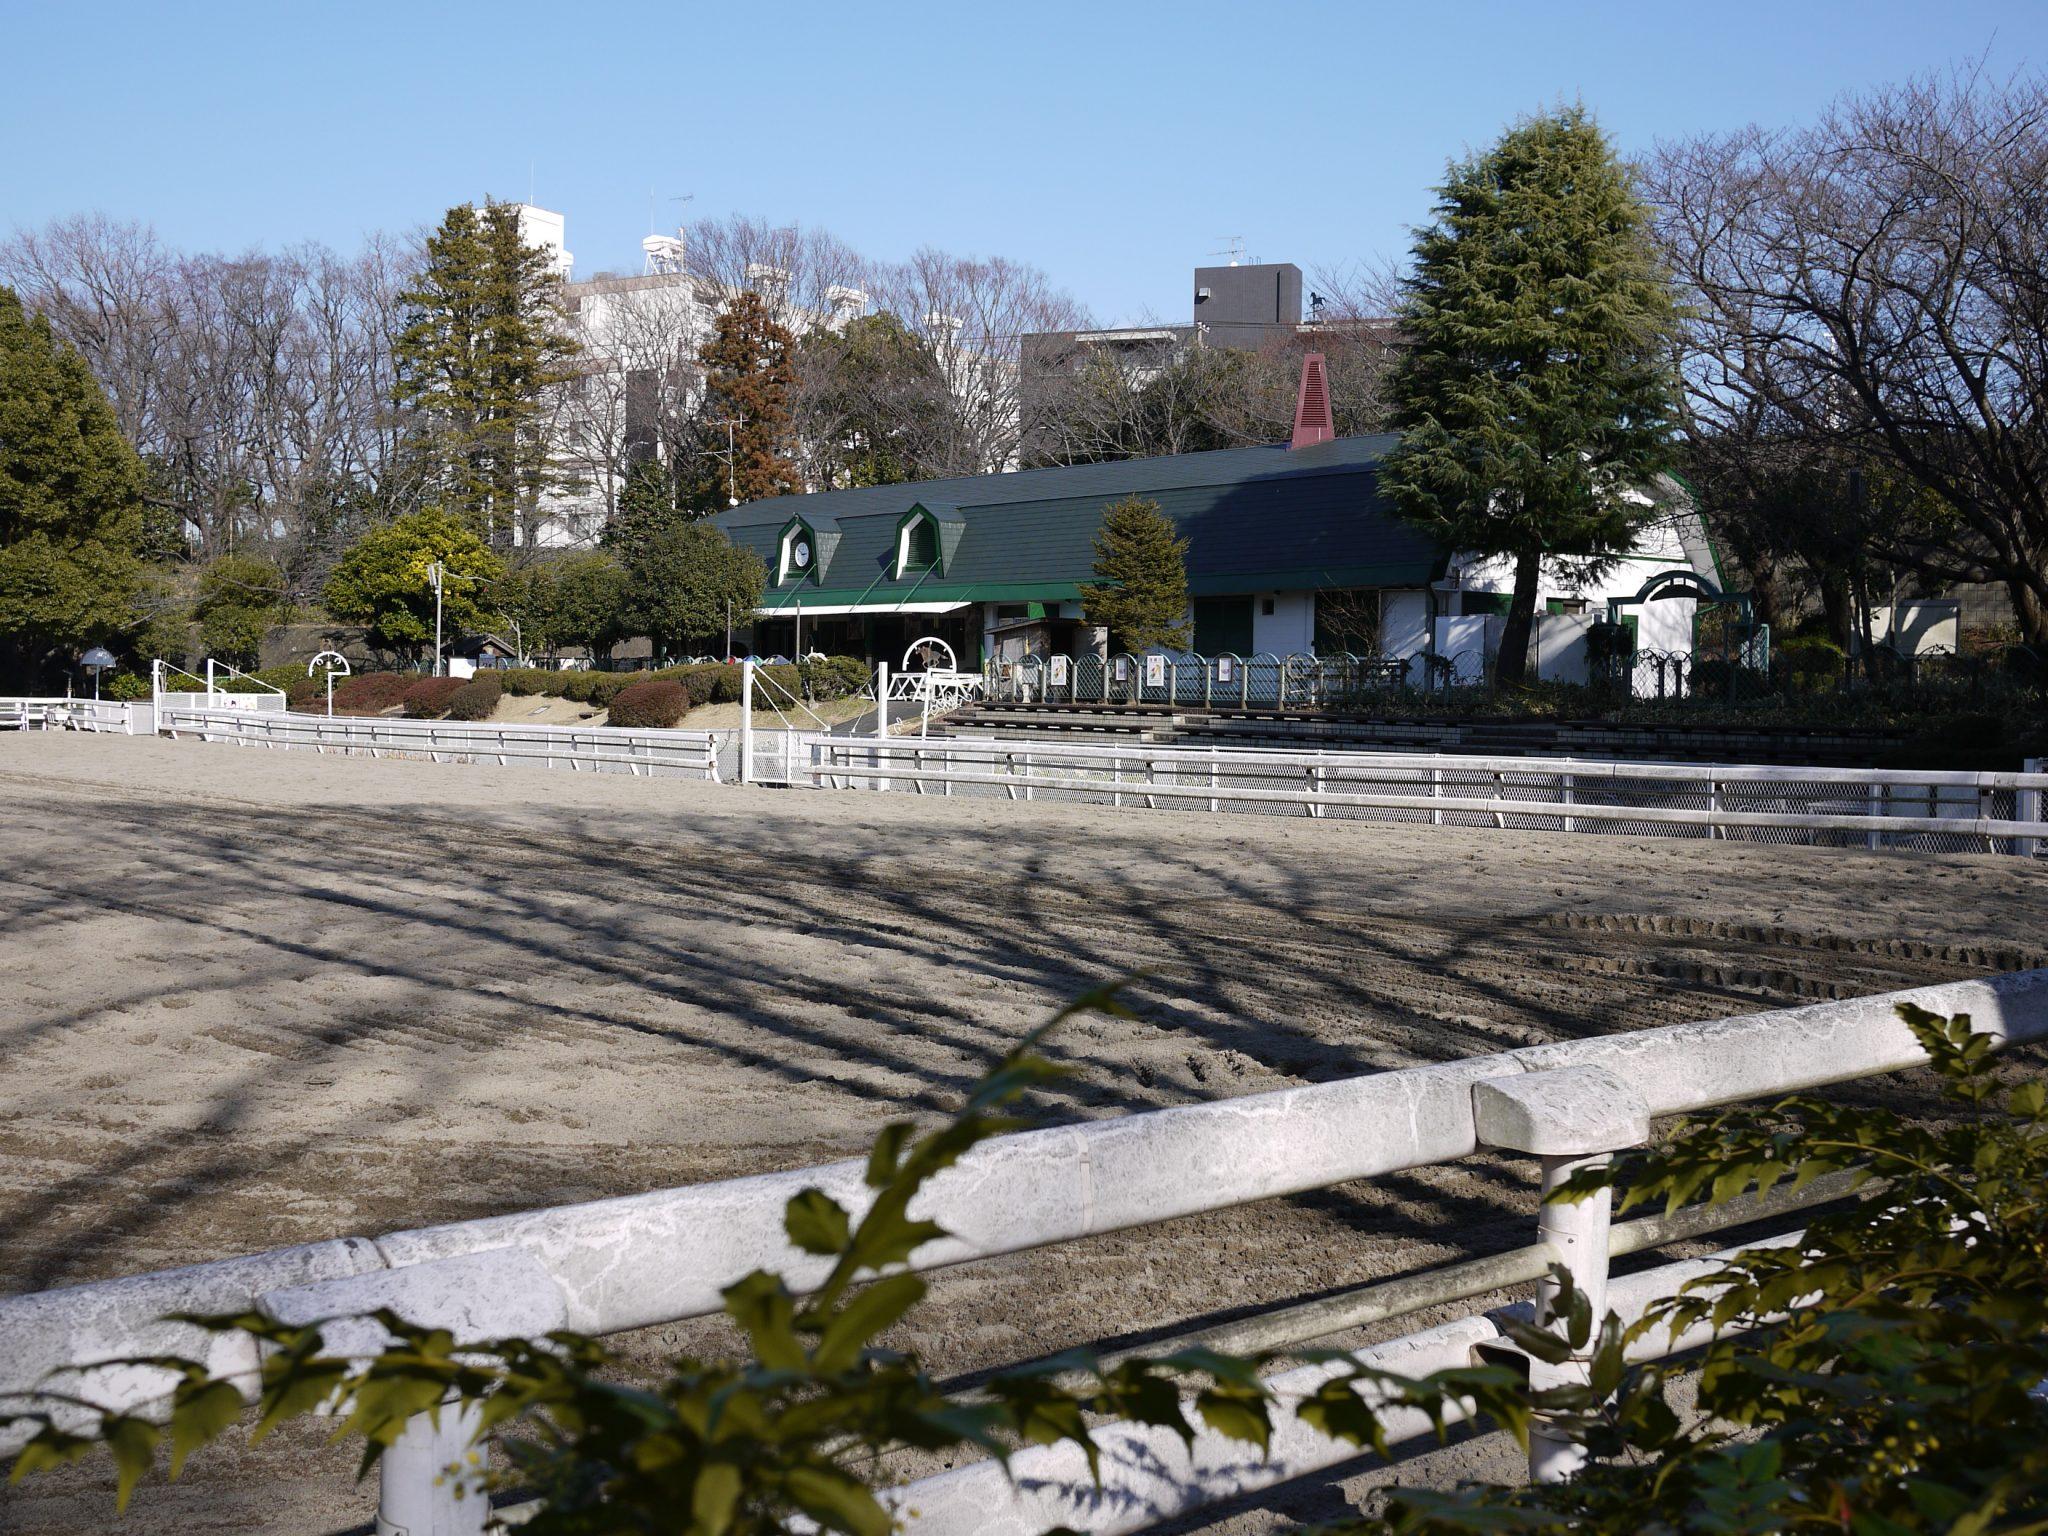 横浜で桜を親子で楽しむ根岸森林公園。あそびい横浜 提供